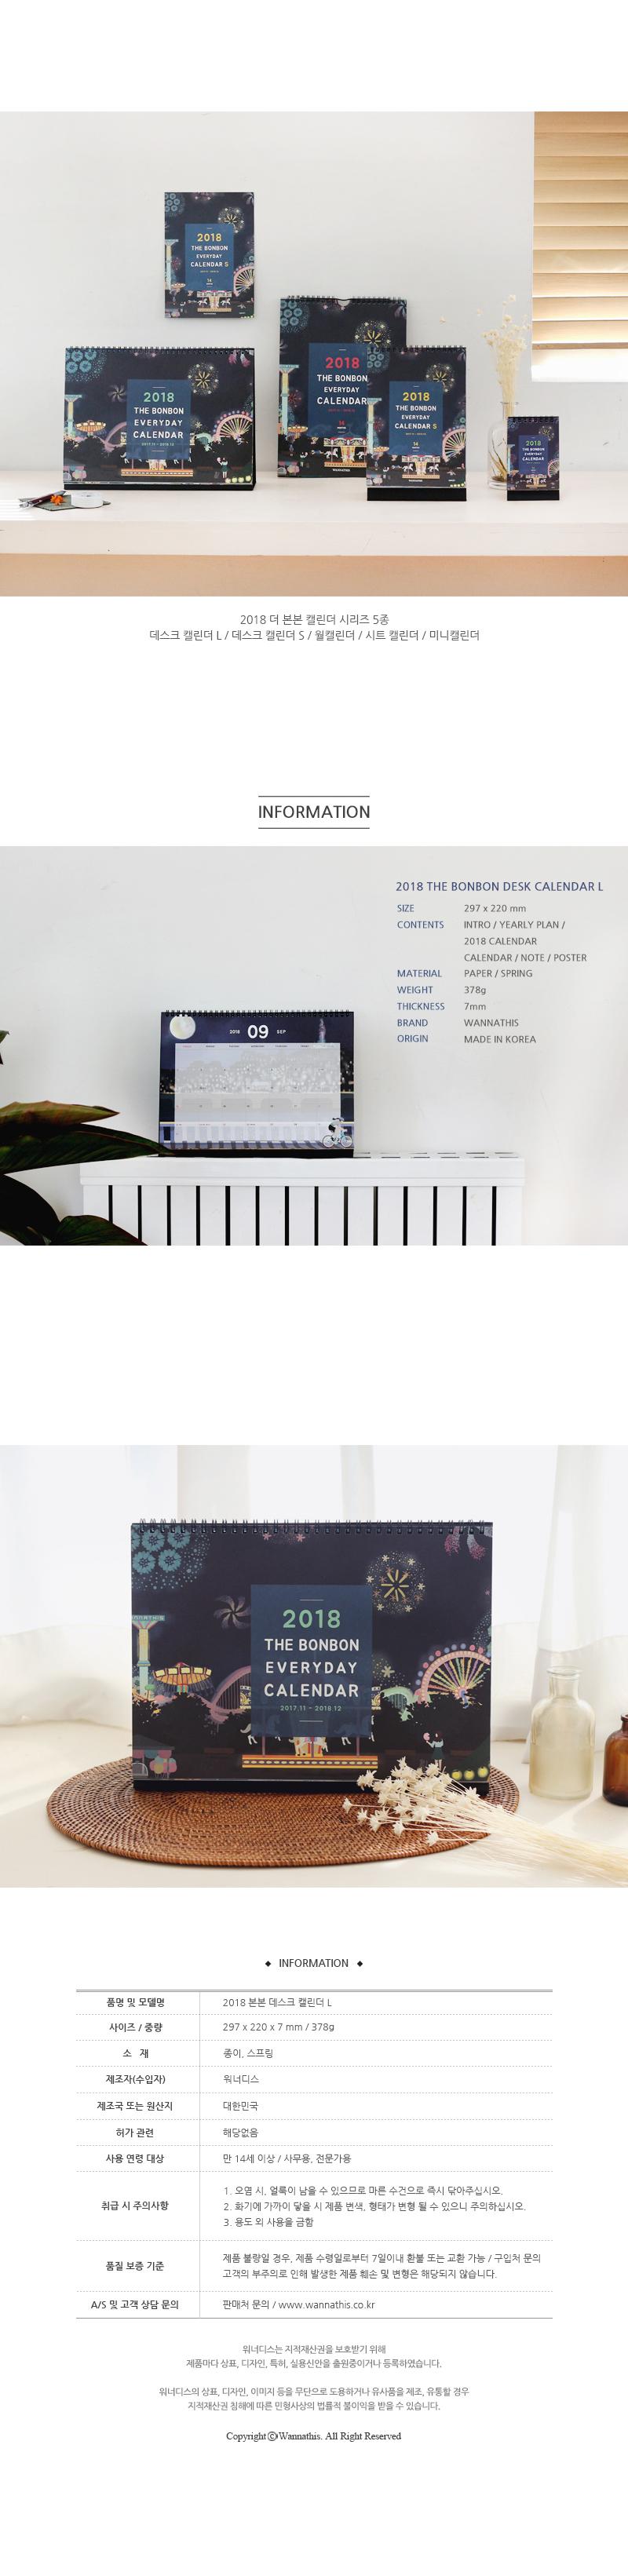 2018 더 본본 데스크 캘린더 L8,000원-워너디스디자인문구, 다이어리/캘린더, 캘린더, 탁상캘린더날짜형바보사랑2018 더 본본 데스크 캘린더 L8,000원-워너디스디자인문구, 다이어리/캘린더, 캘린더, 탁상캘린더날짜형바보사랑